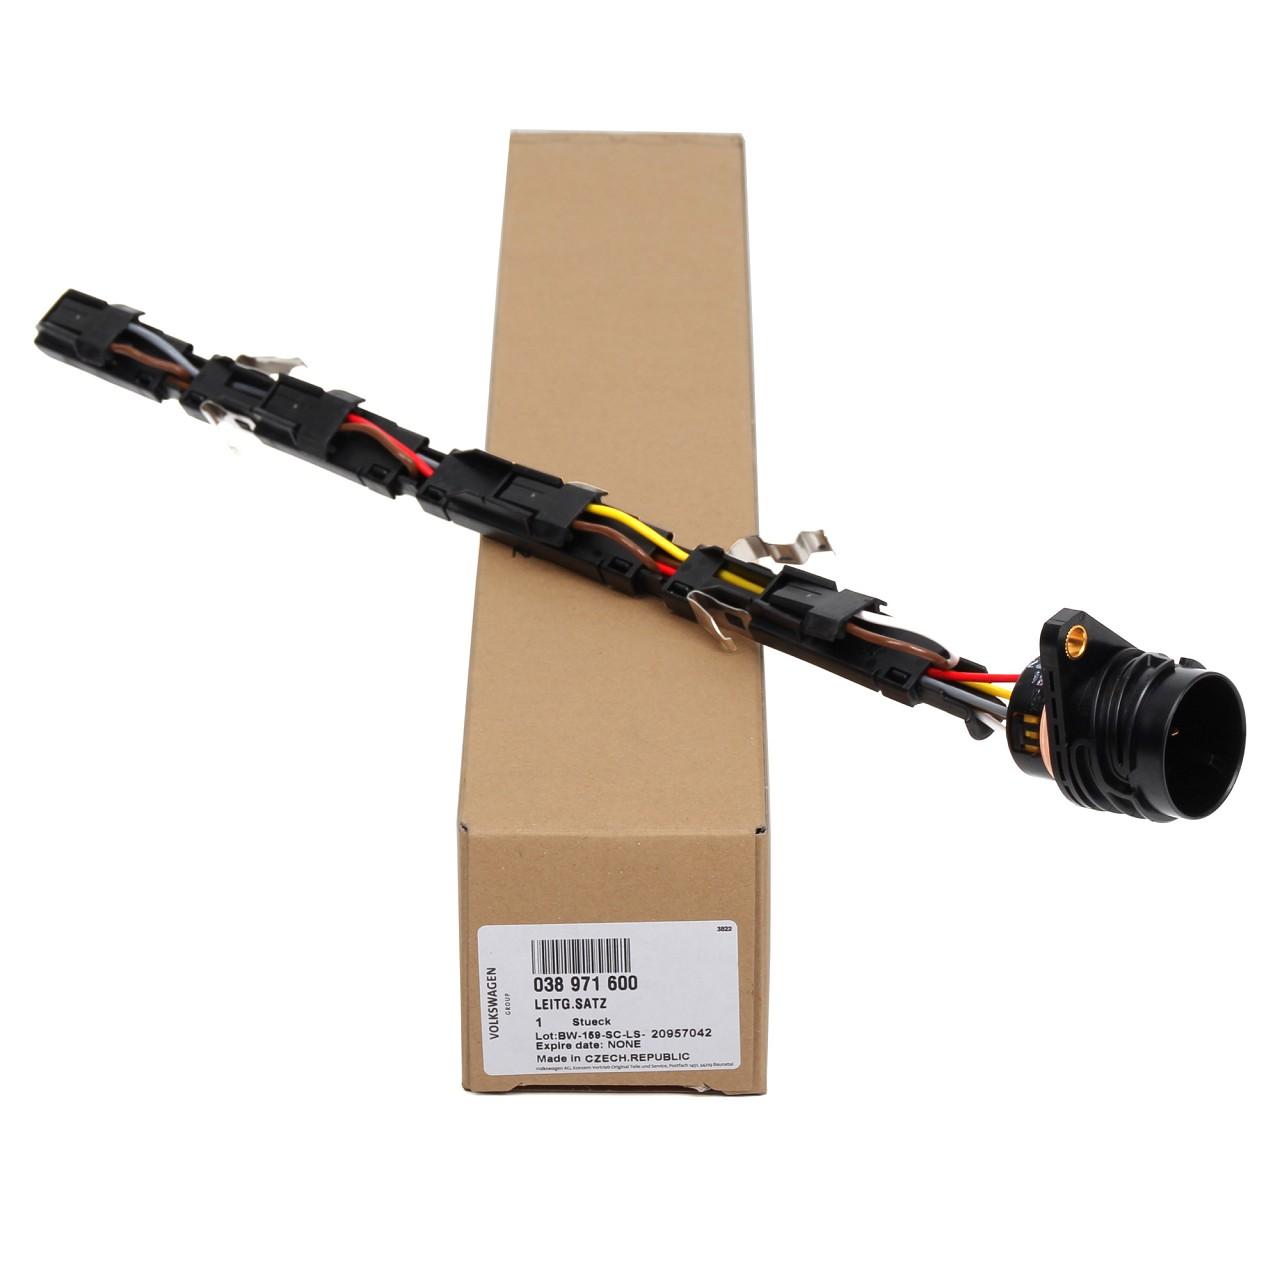 ORIGINAL AUDI VW Adapter Leitungssatz Einspritzdüse Pumpe-Düse 1.9 TDI 038971600